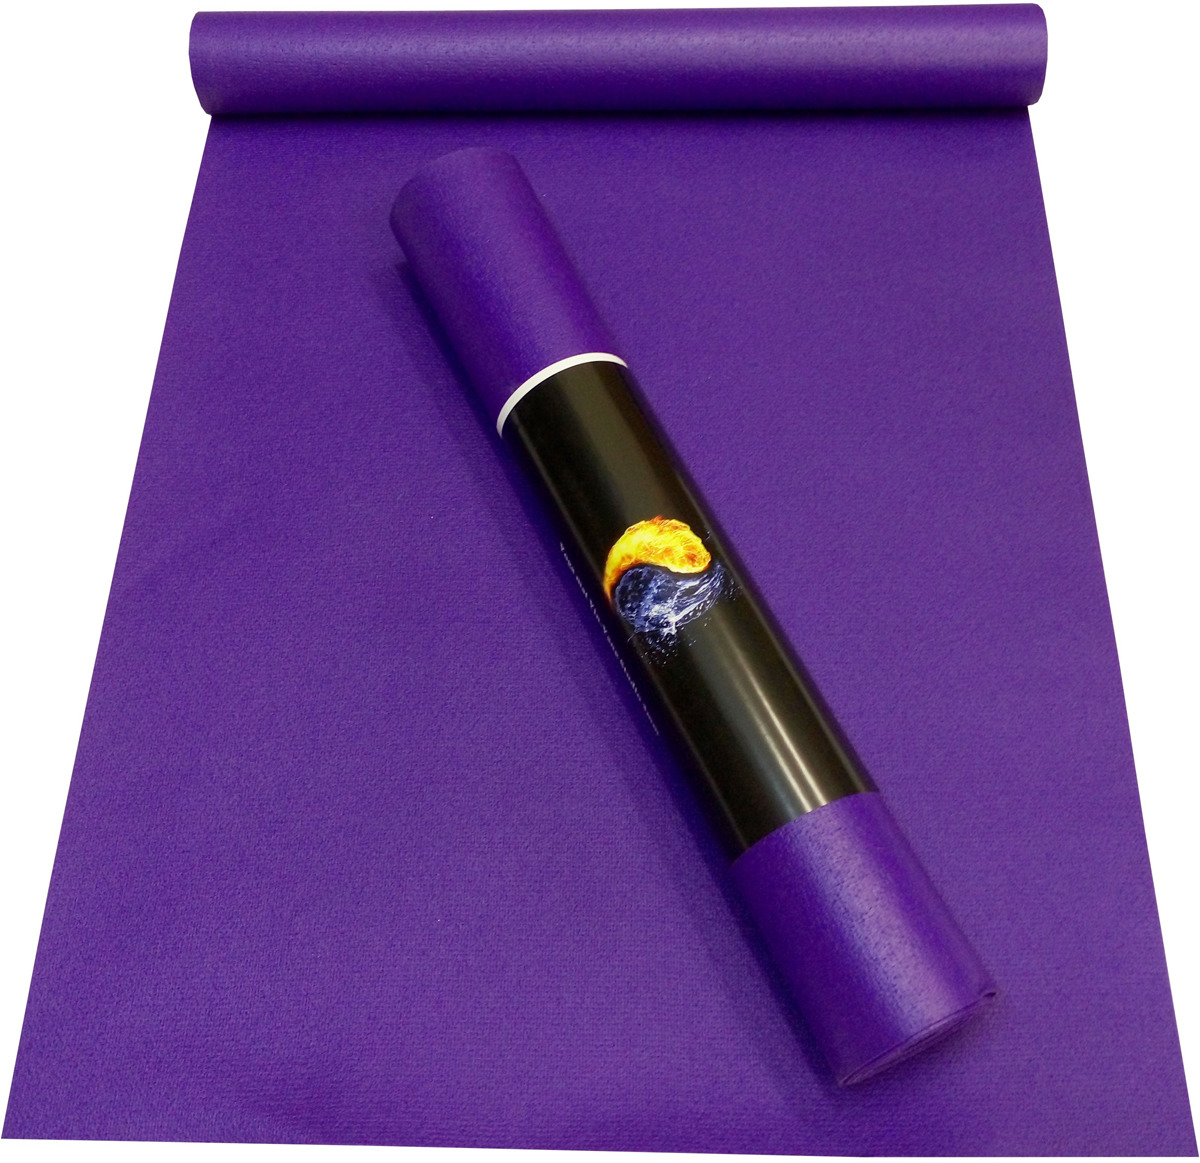 Коврик для йоги Ako-Yoga Yin-Yang Studio, цвет: фиолетовый, 220 х 80 см omnilux подвесная люстра omnilux oml 58603 05